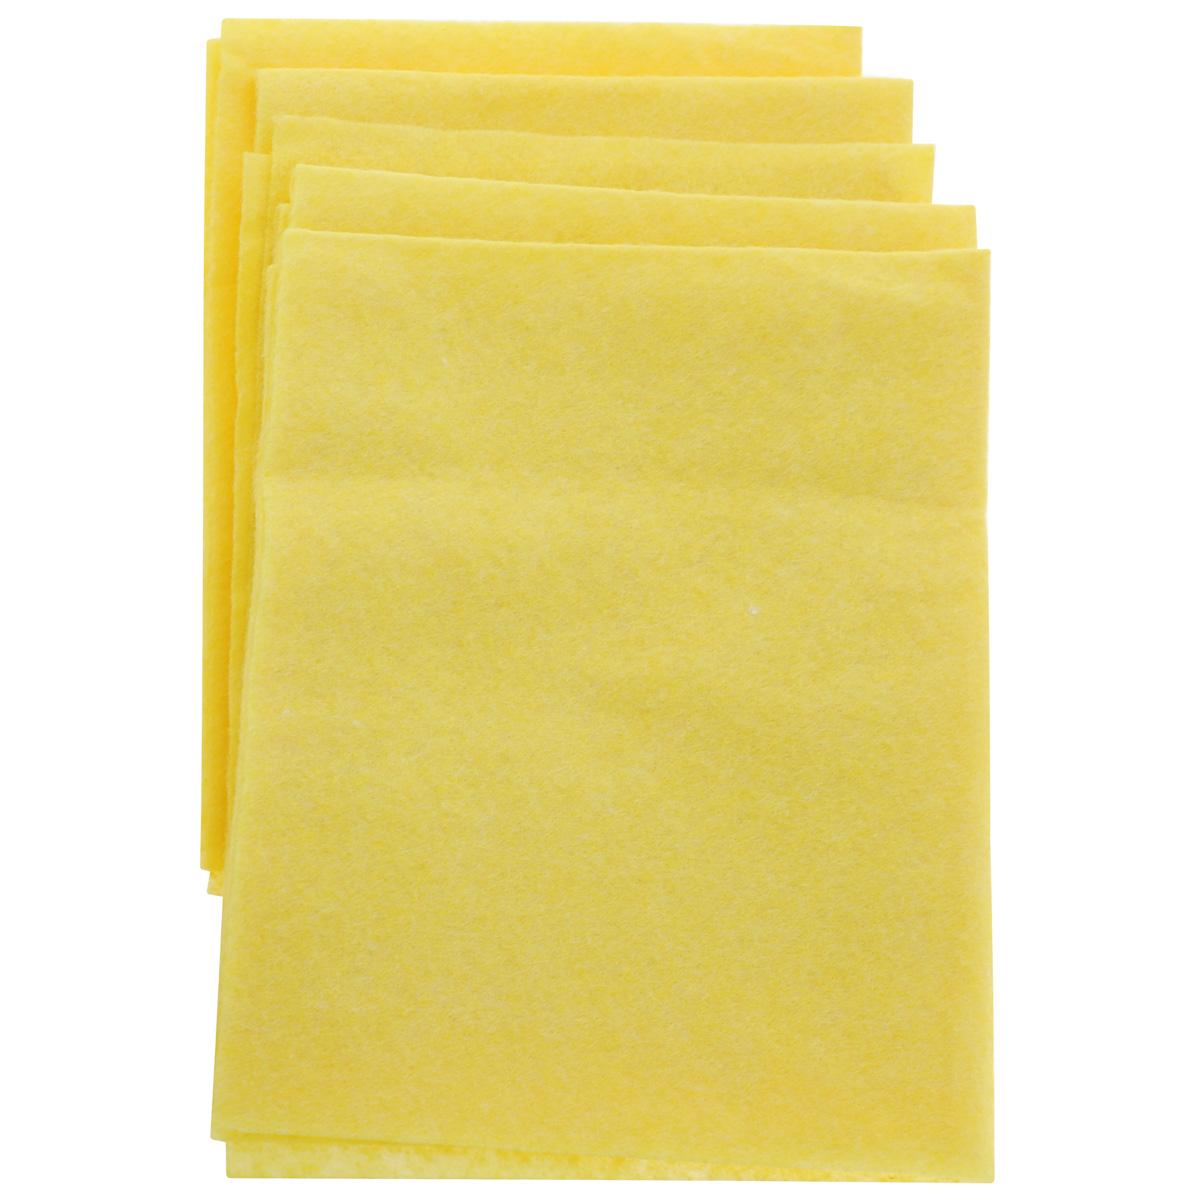 Салфетка для уборки Home Queen, цвет: желтый, 30 х 38 см, 5 шт57118Салфетка Home Queen, изготовленная из вискозы и полиэстера, предназначена для очищения загрязнений на любых поверхностях. Изделие обладает высокой износоустойчивостью и рассчитано на многократное использование, легко моется в теплой воде с мягкими чистящими средствами. Супервпитывающая салфетка не оставляет разводов и ворсинок, удаляет большинство жирных и маслянистых загрязнений без использования химических средств. Размер салфетки: 30 см х 38 см.Комплектация: 5 шт.